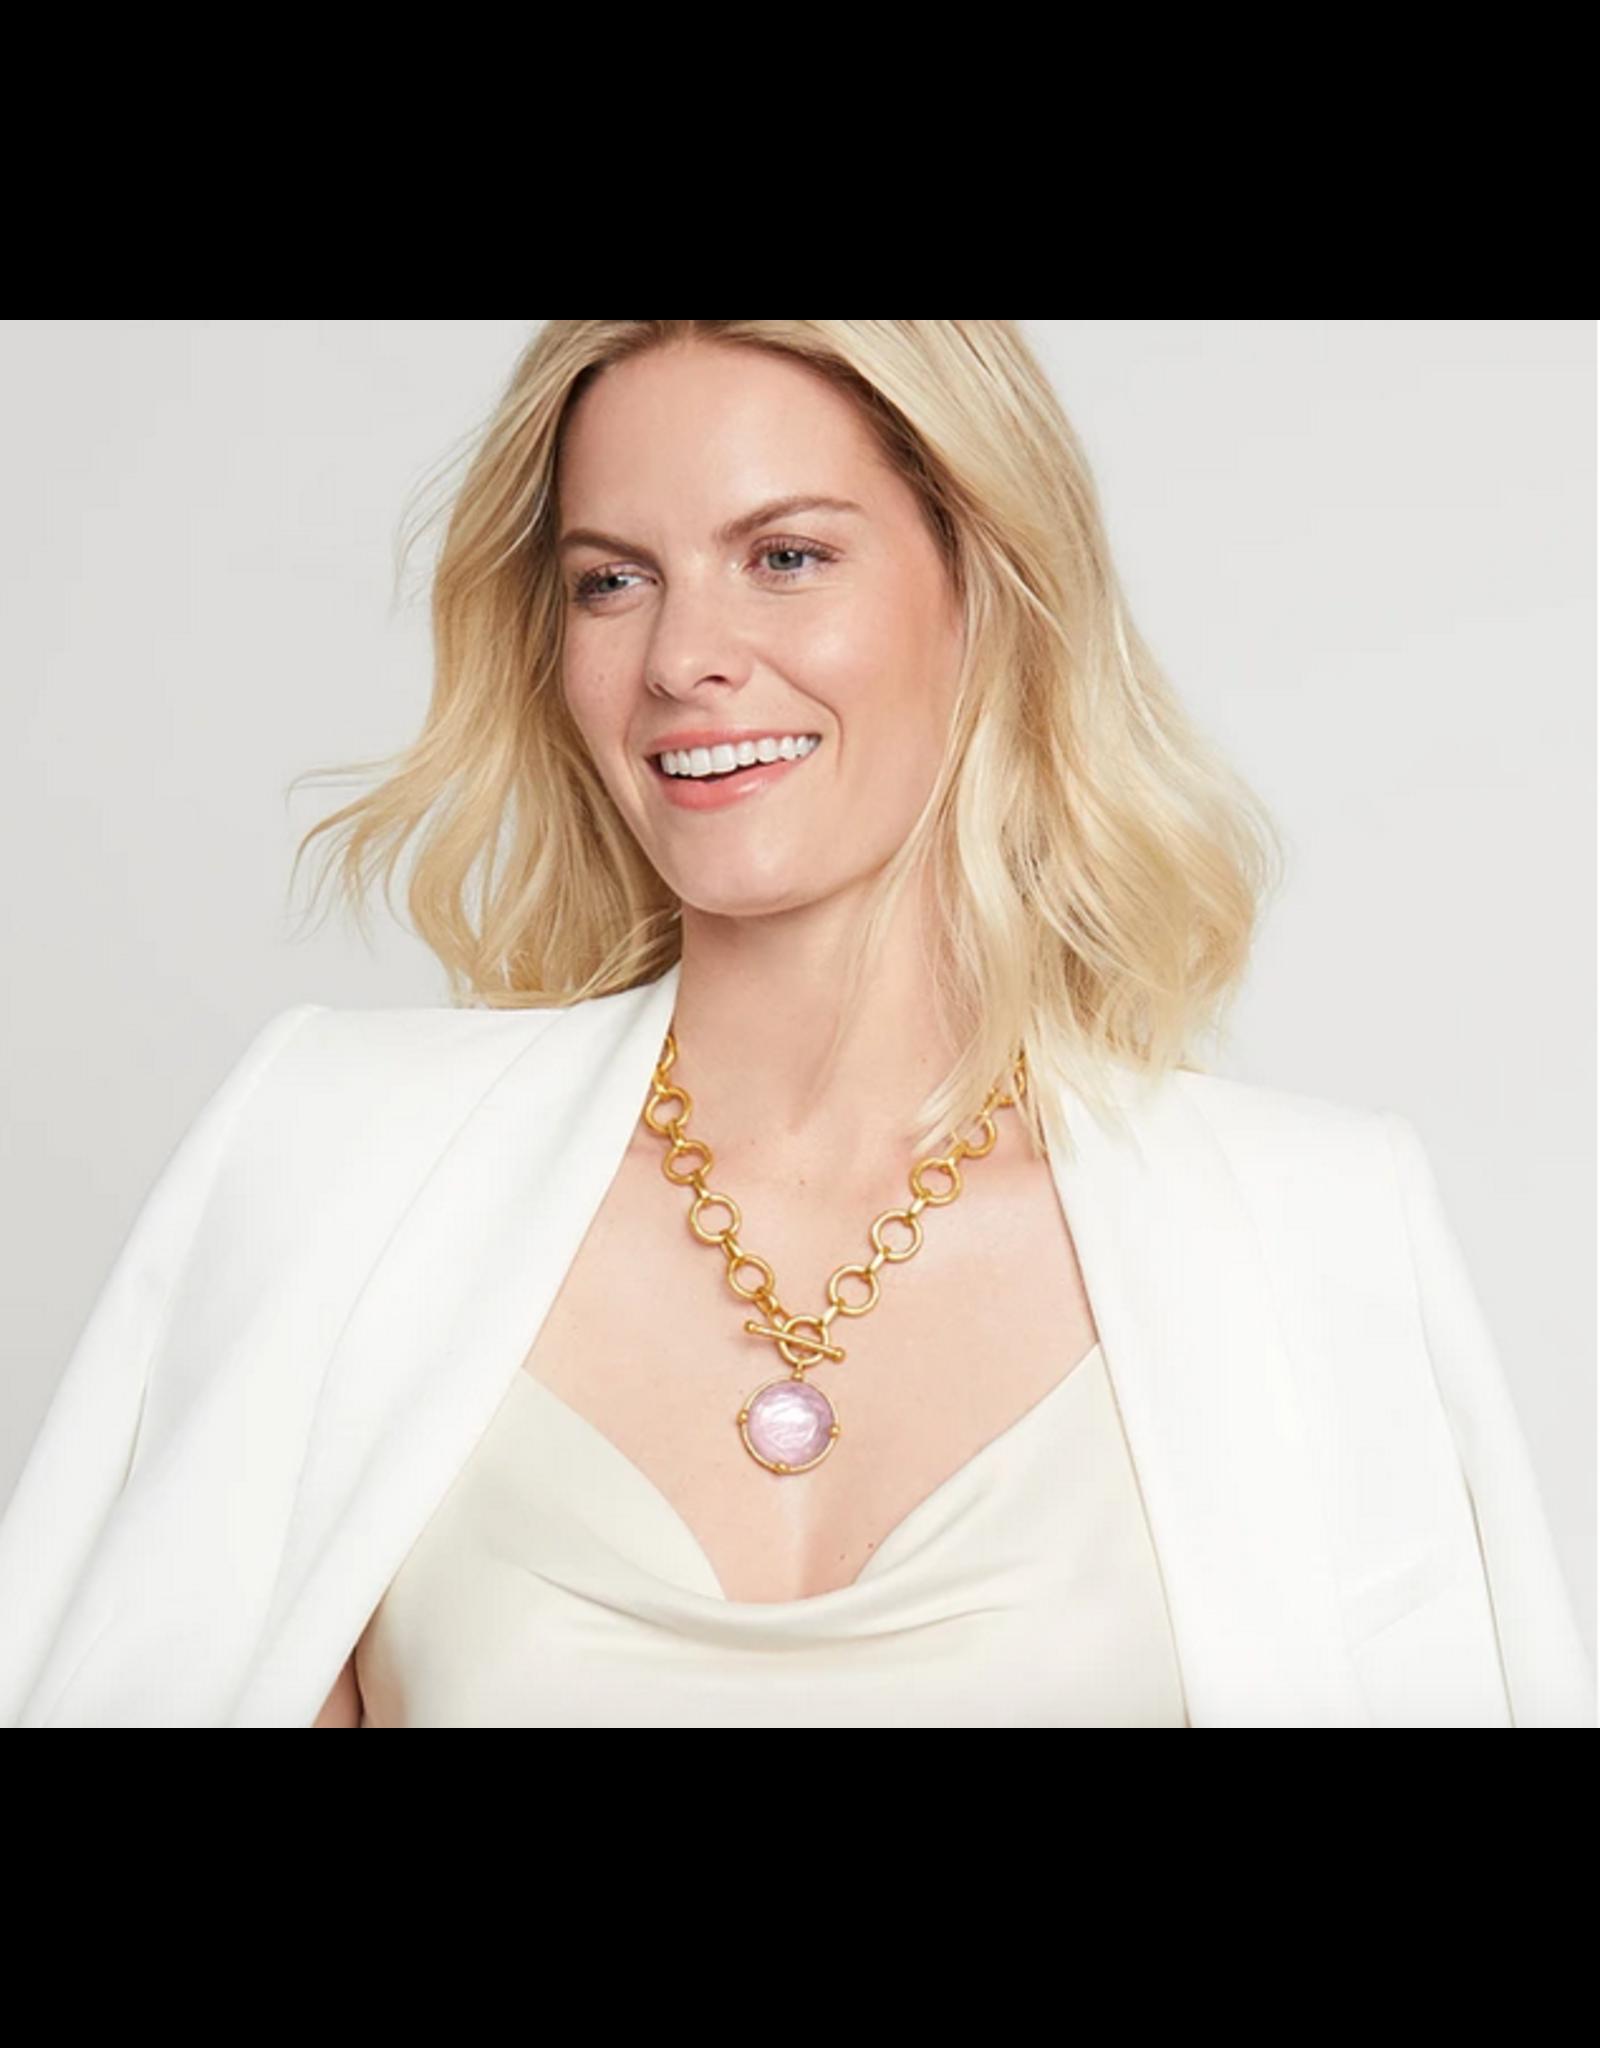 Julie Vos Honeybee Statement Necklace in Iridescent Clear Crystal by Julie Vos